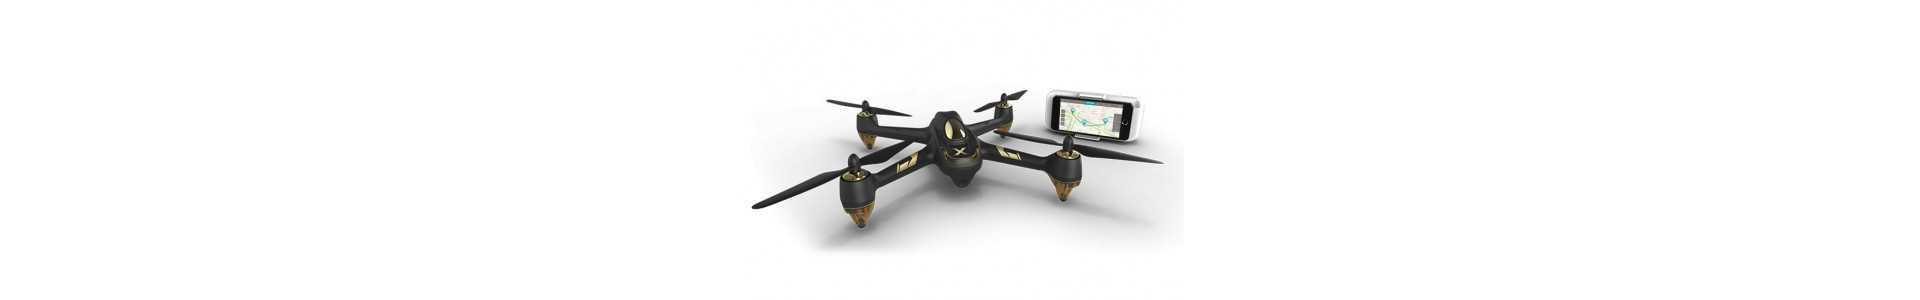 Hubsan X4 Air Pro - H501A